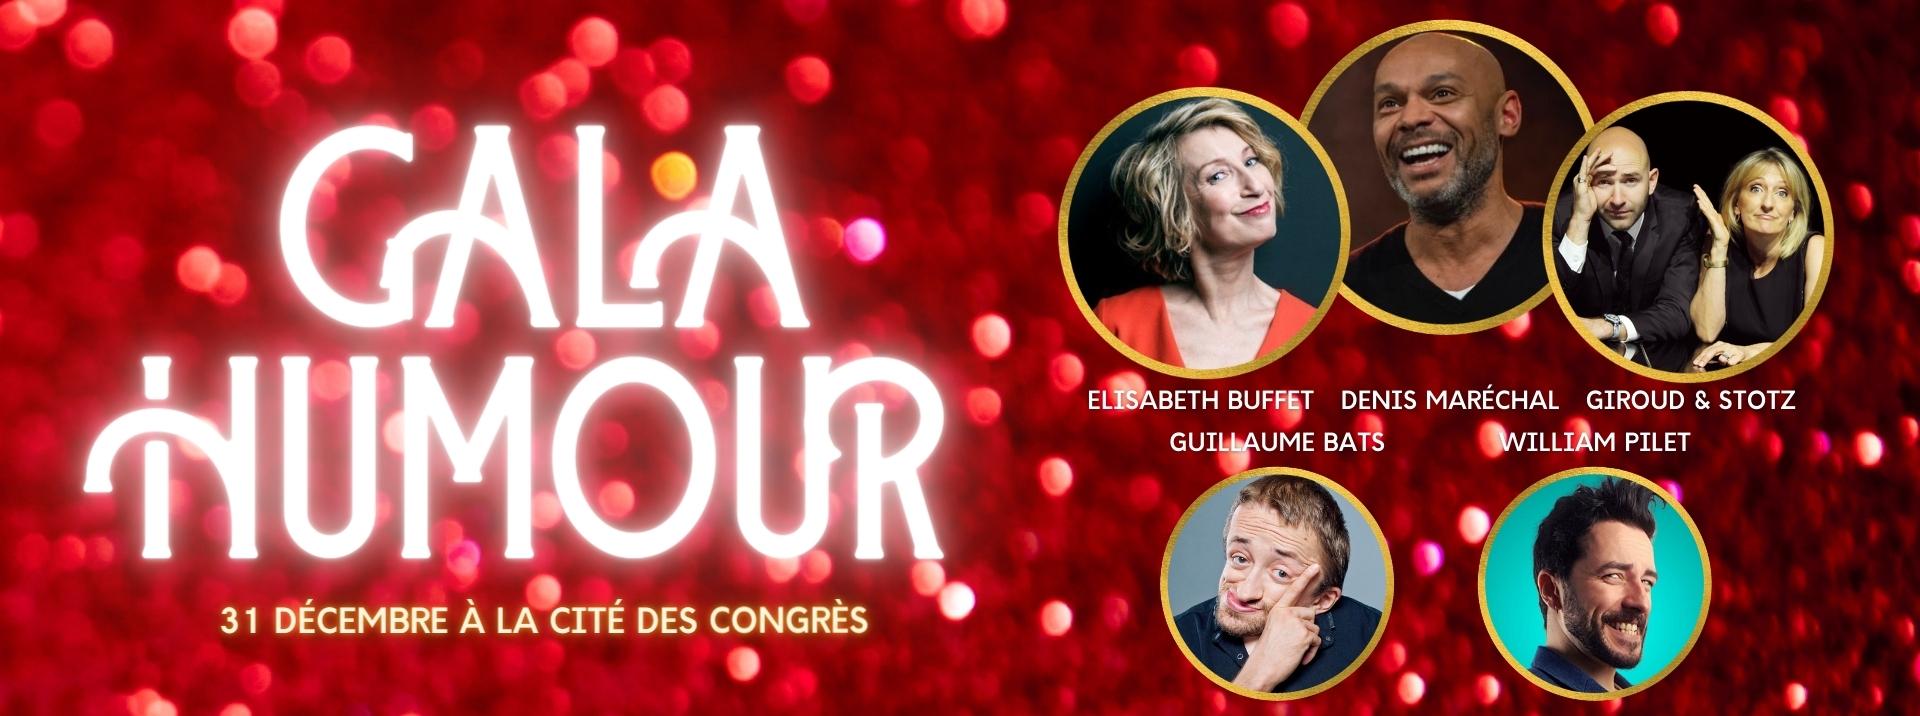 Spectacle d'humour à Nantes avec Elisabeth Buffet, Denis Maréchal, Giroud et Stotz, William Pilet et Guillaume Bats